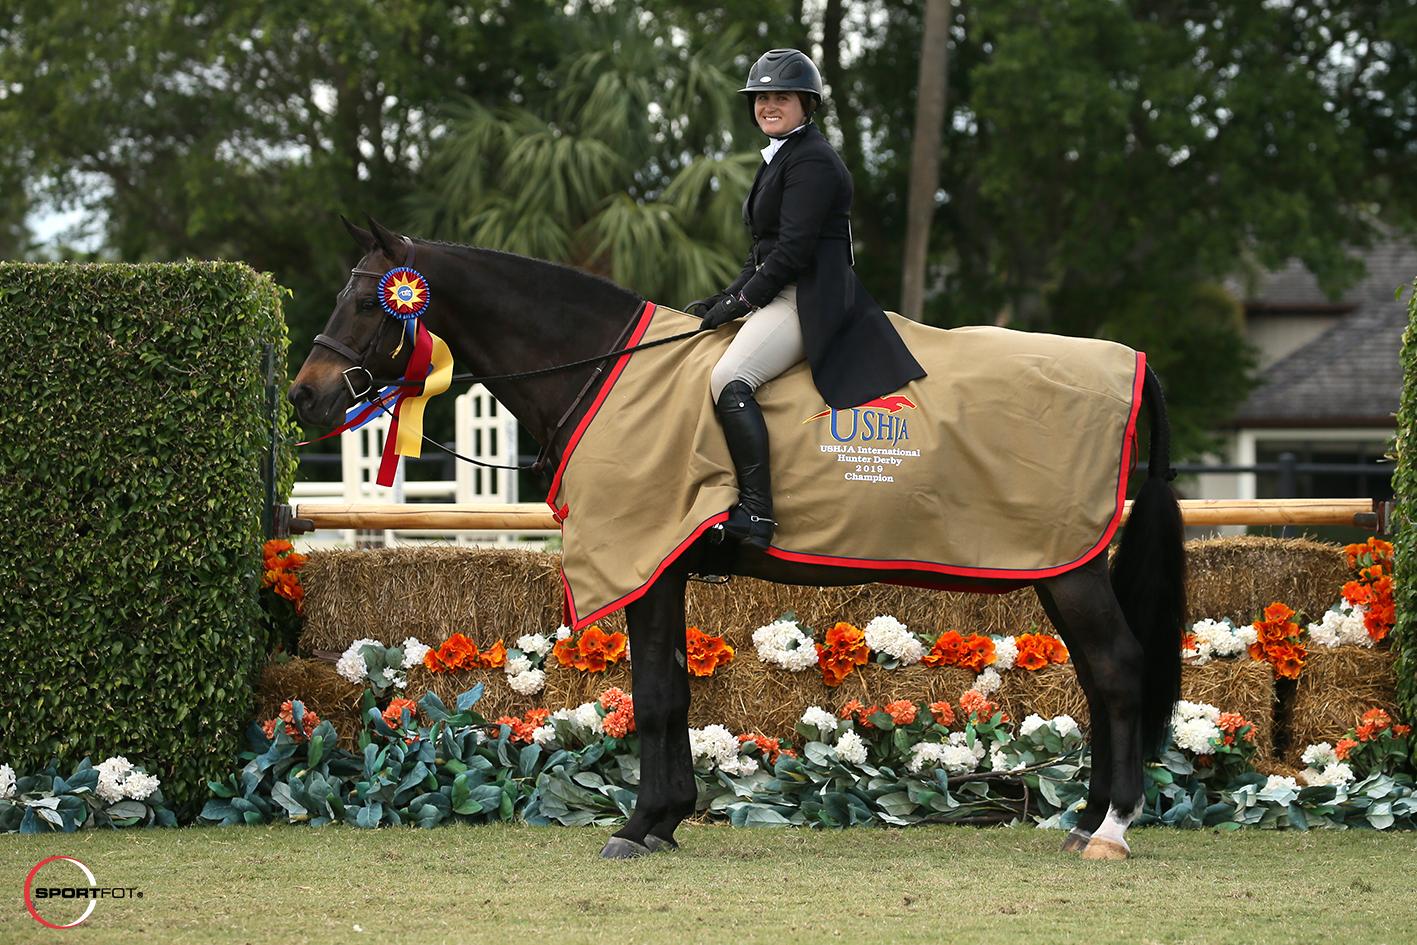 Victoria Colvin and El Primero pres 433_8977 Sportfot